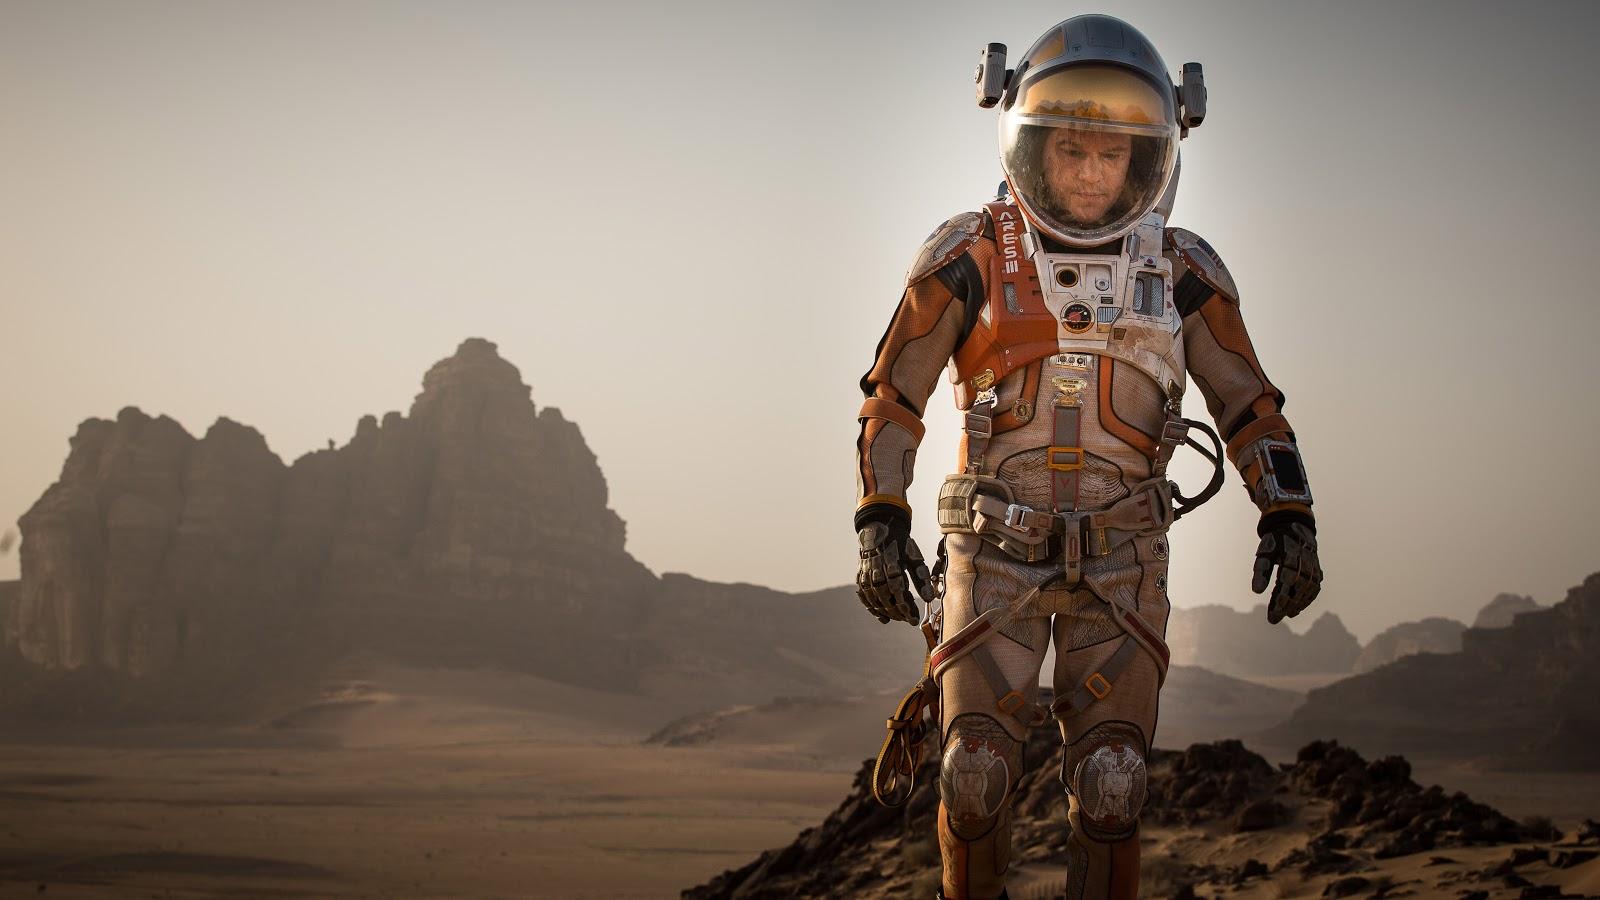 火星救援 马特达蒙